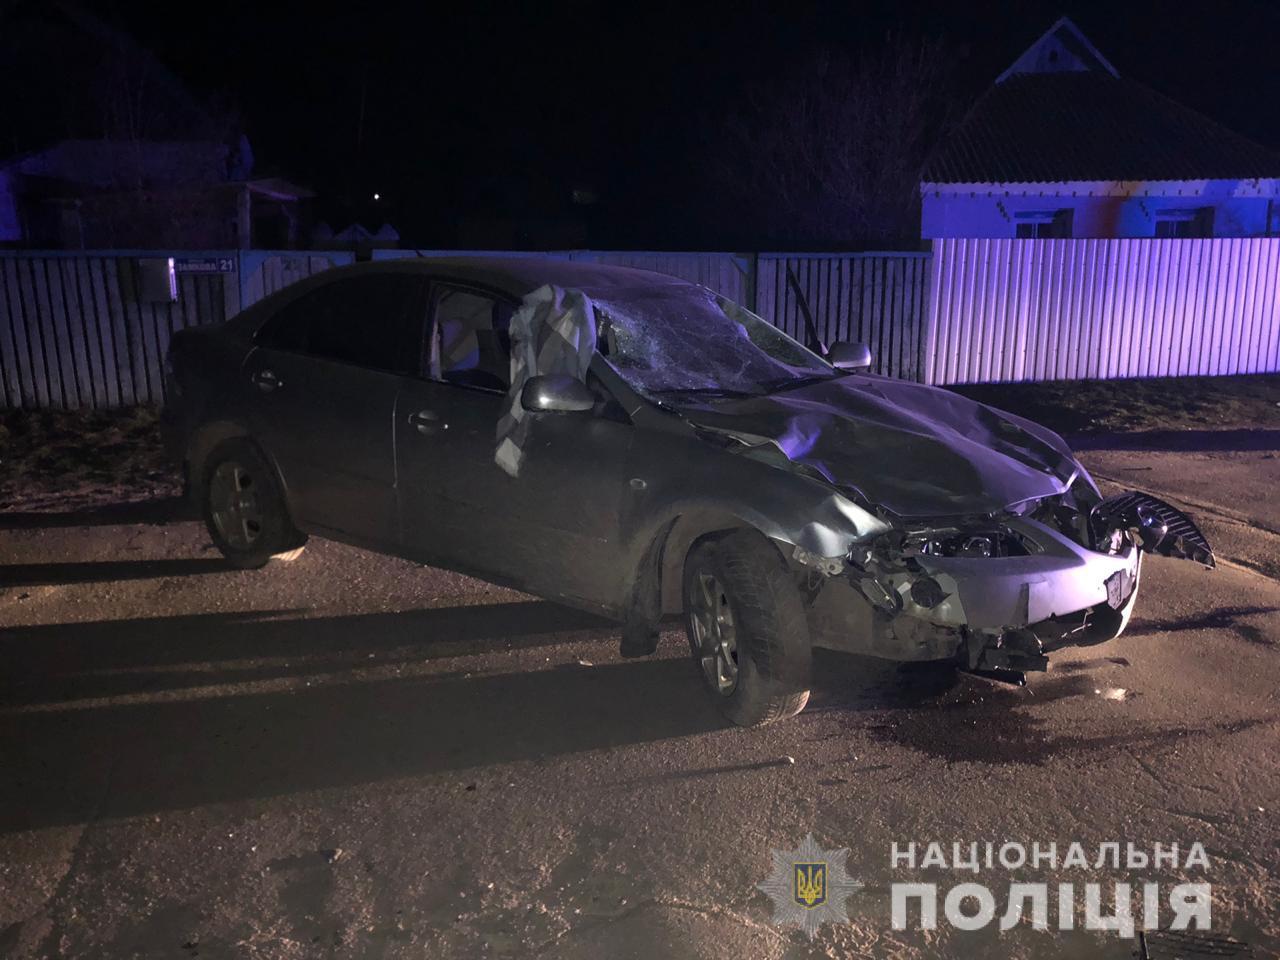 Под Киевом подросток на автомобиле родителей насмерть сбил двух девушек: фото с места ДТП